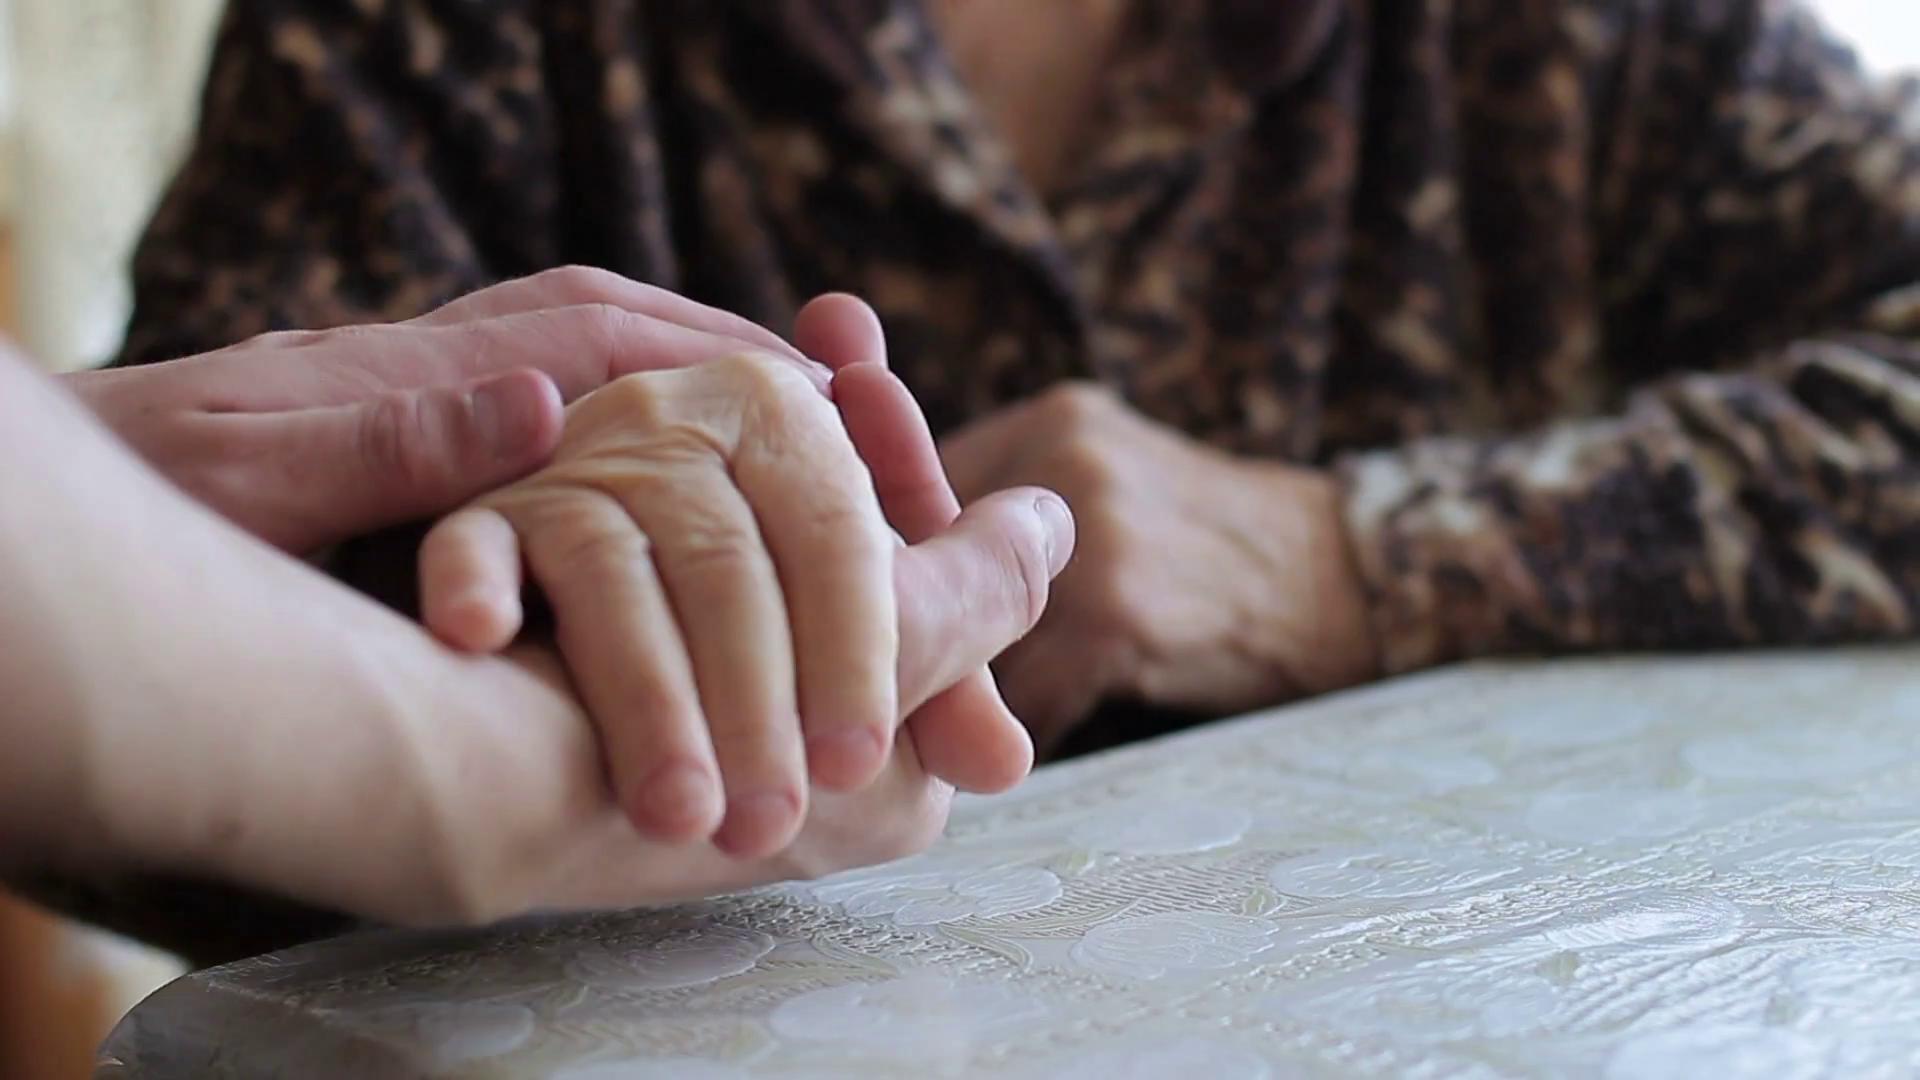 Rüyada Çok Yaşlı Olan Kadınların Ojeli Elini Evde Öpmek